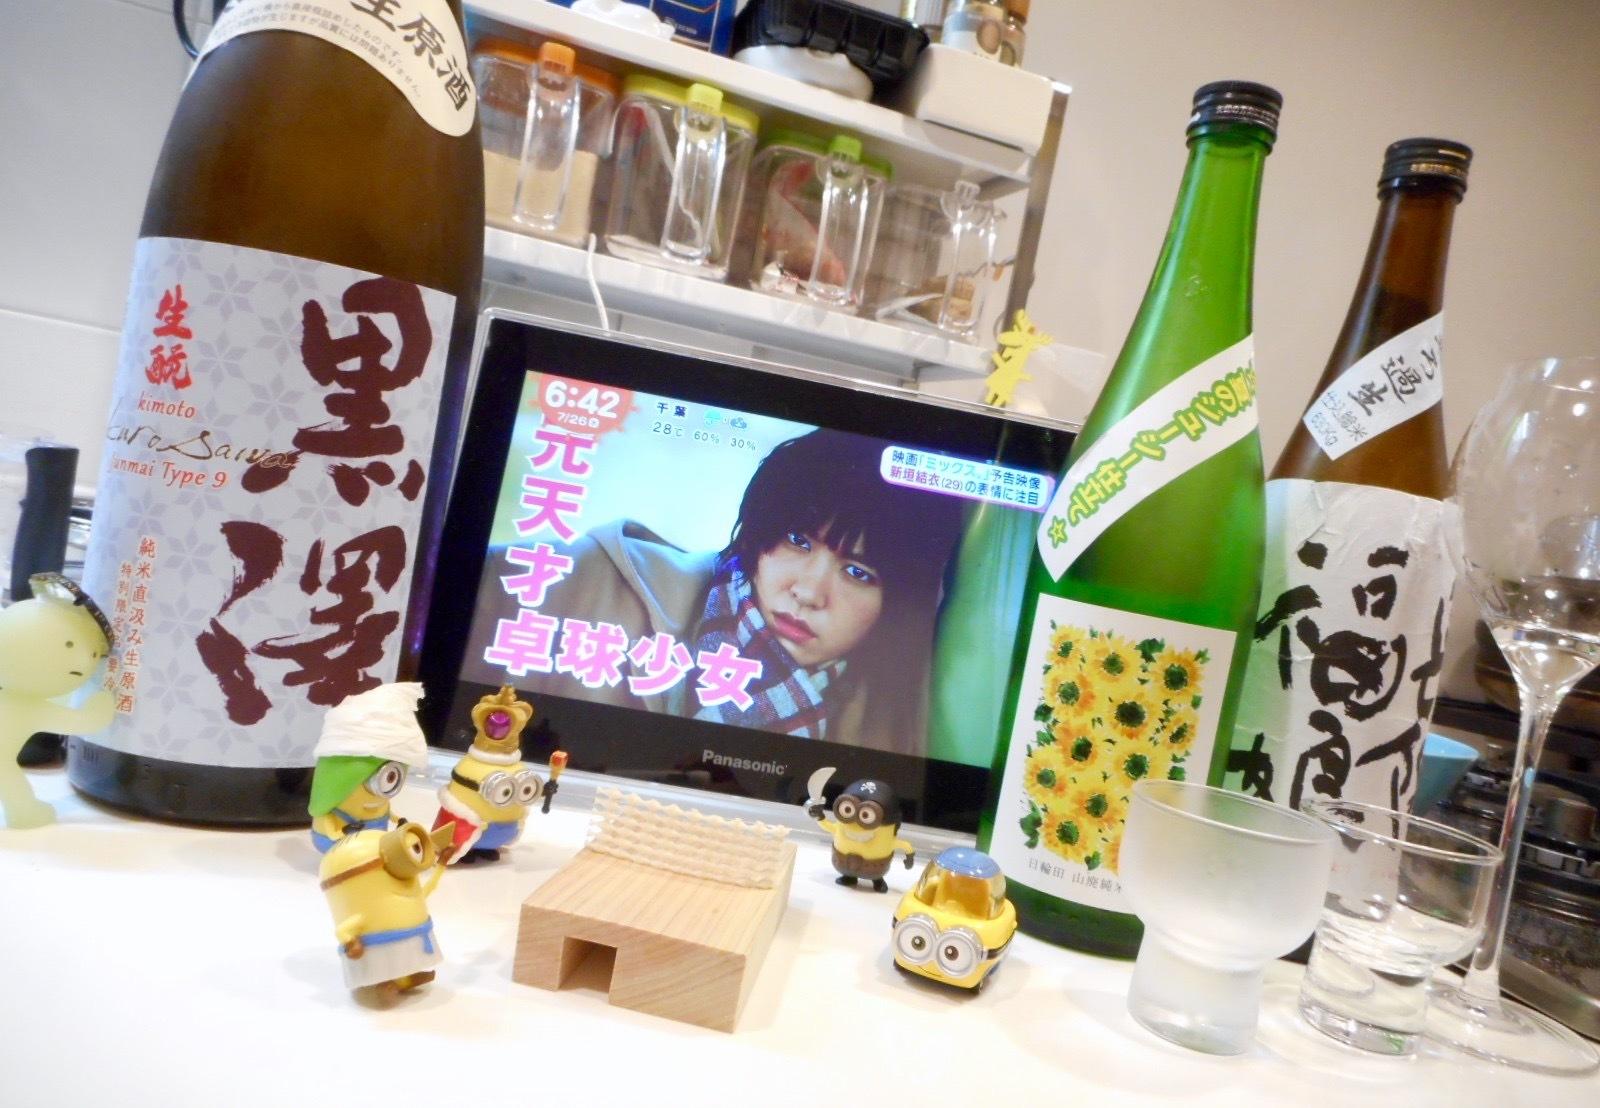 kurosawa_type9_28by15.jpg